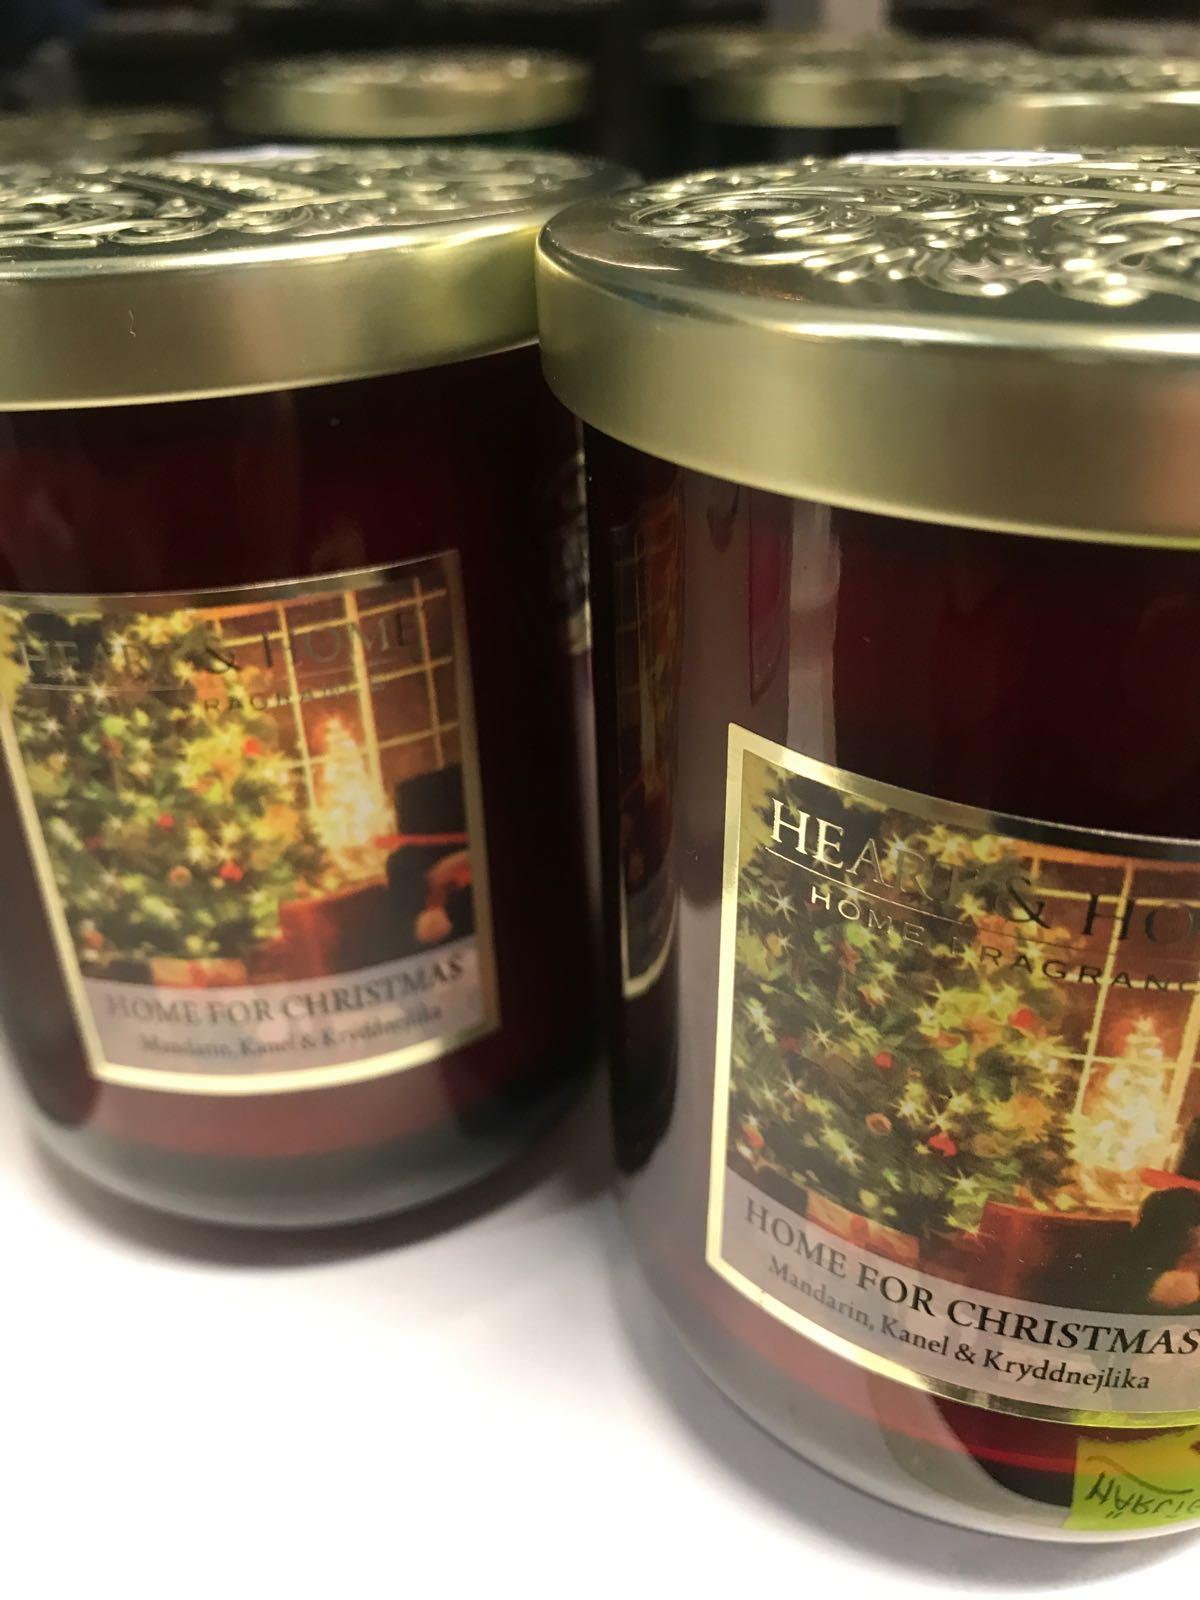 Doftljus jul 340 g.   Mandarin, kanel, kryddnejlika